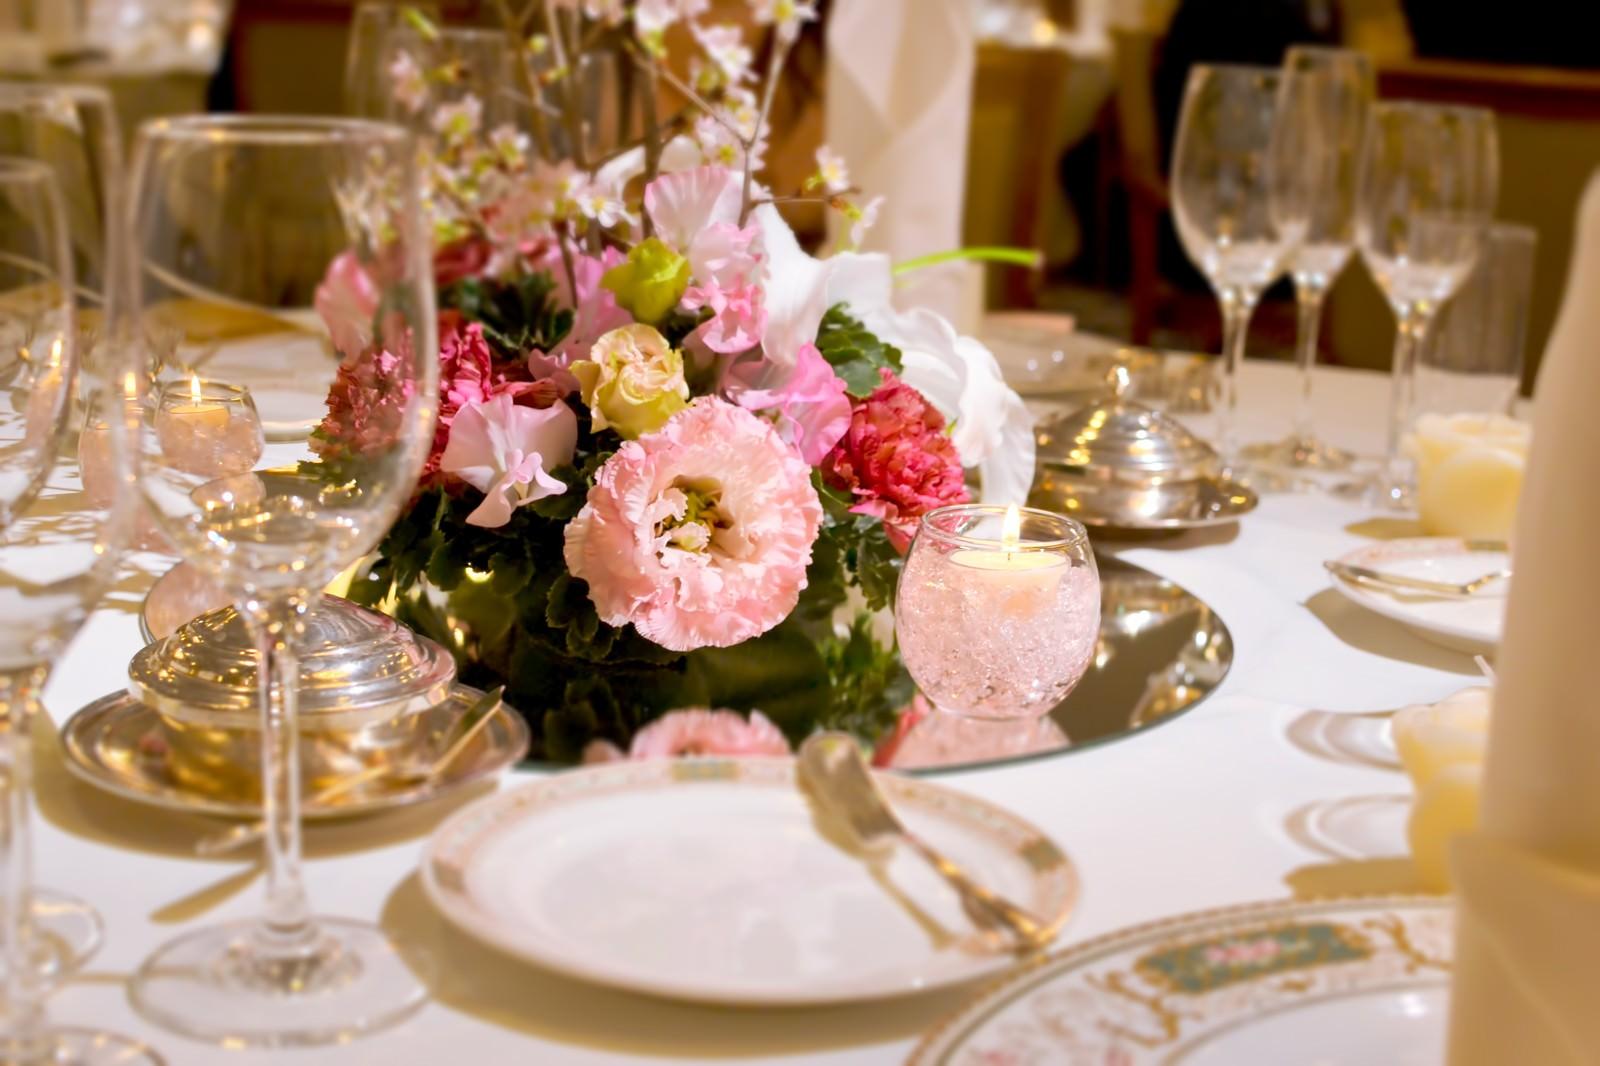 「結婚式・ウェディングのテーブルセット」